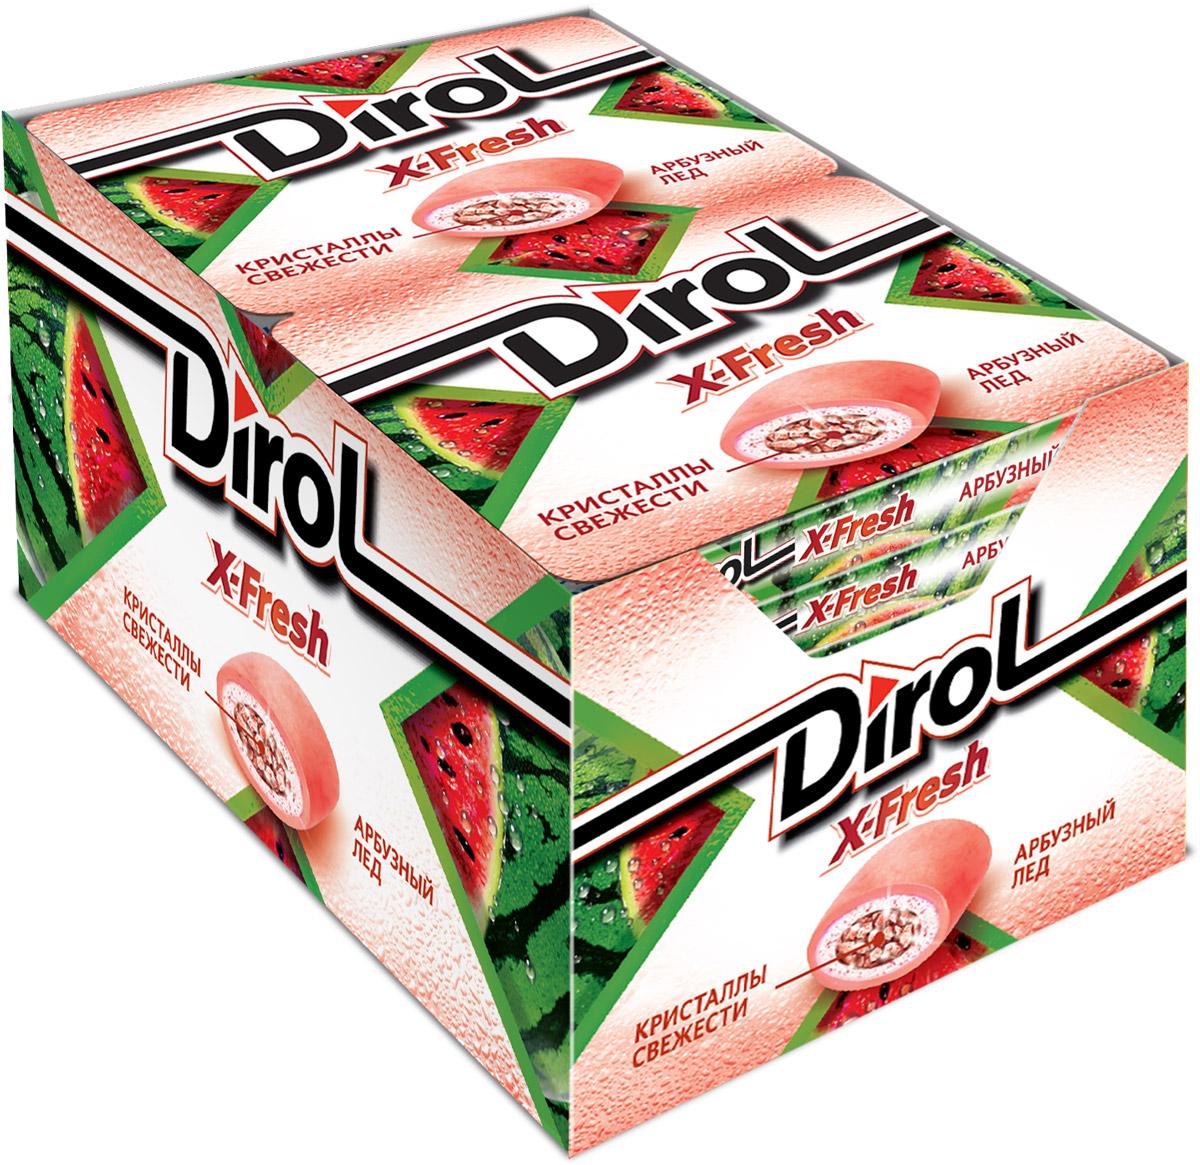 Dirol X-Fresh Арбузный лед жевательная резинка без сахара, 12 пачек по 16 г4021336Dirol X-Fresh Арбузный лед - популярная жевательная резинка. Обладает ярко выраженным долгим неугасаемым вкусом. В пачке 8 подушечек. Общеизвестно, что древние греки использовали смолу мастичного дерева или пчелиный воск, чтобы освежить дыхание и очистить зубы от остатков еды. Племена Майя наслаждались жеванием каучука. На севере Америки индейцы наслаждались подобием жевательной резинки - смолы хвойных деревьев, предварительно выпаренной на костре. В Сибири пользовалась популярностью сибирская смолка, с её помощью чистили зубы и укрепляли десны. В Европе зарождение жевательной культуры обозначено в 16 веке благодаря завезенному из Вест-Индии табаку. Затем жвачка появилась в Соединенных Штатах. Вплоть до 19 века попытки внедрить воск, парафин вместо жевательного табака терпели крах.